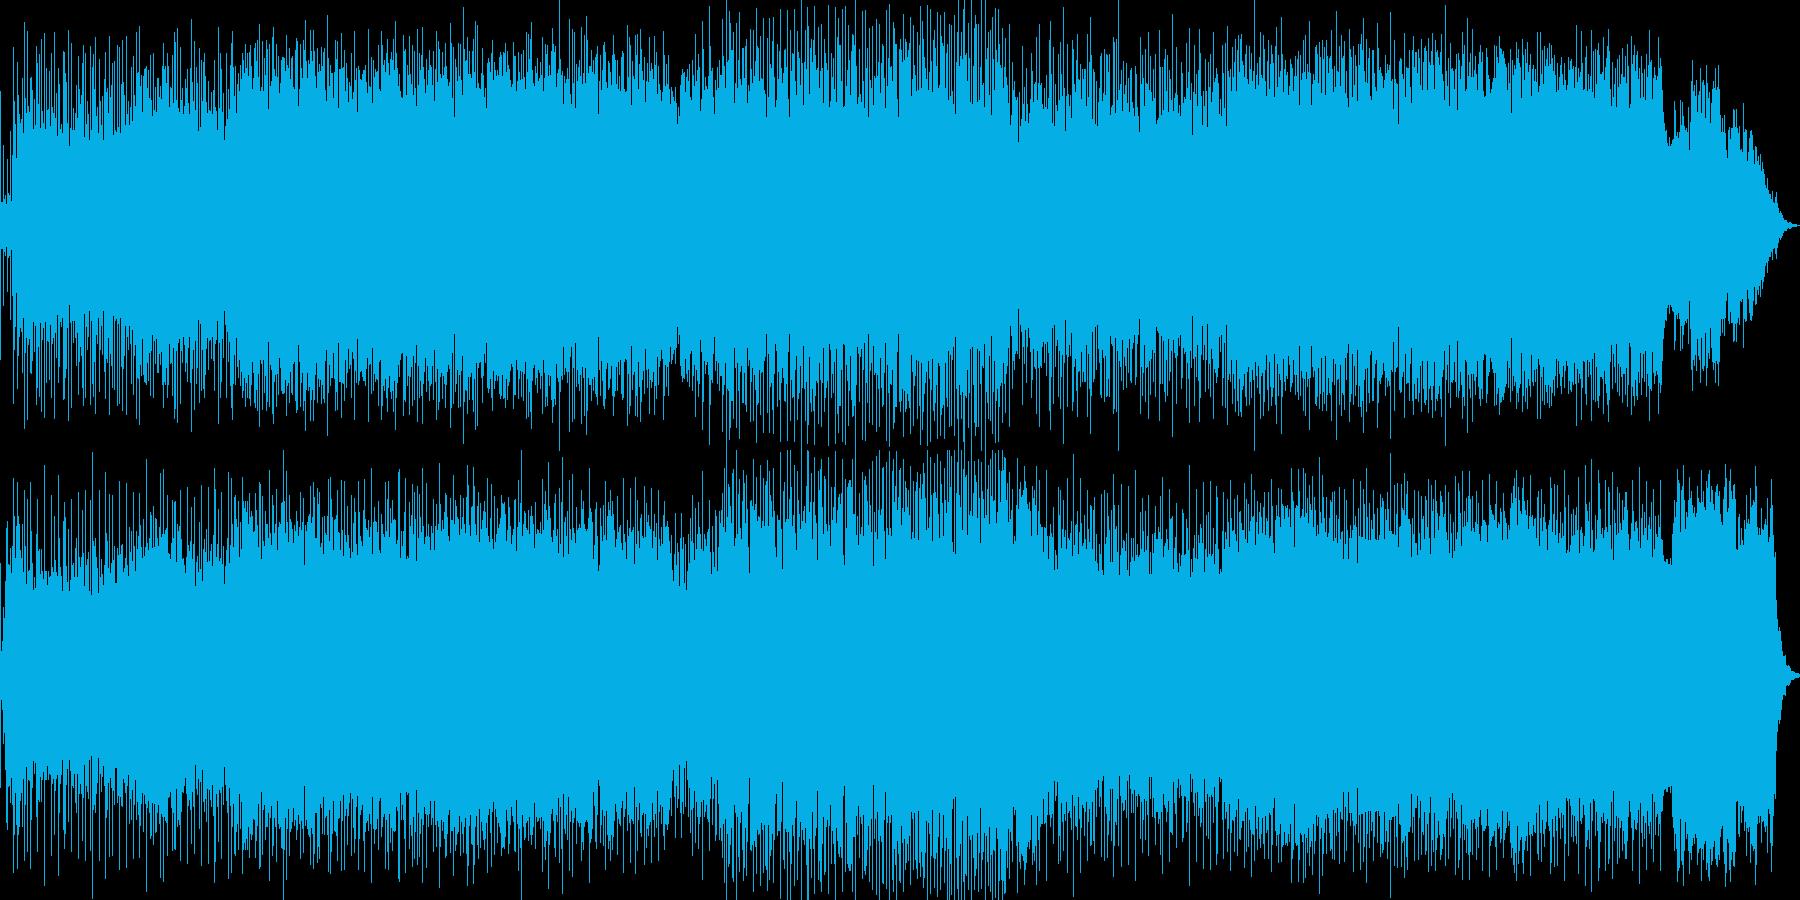 ダークな雰囲気、シンセサイザーテクノの再生済みの波形